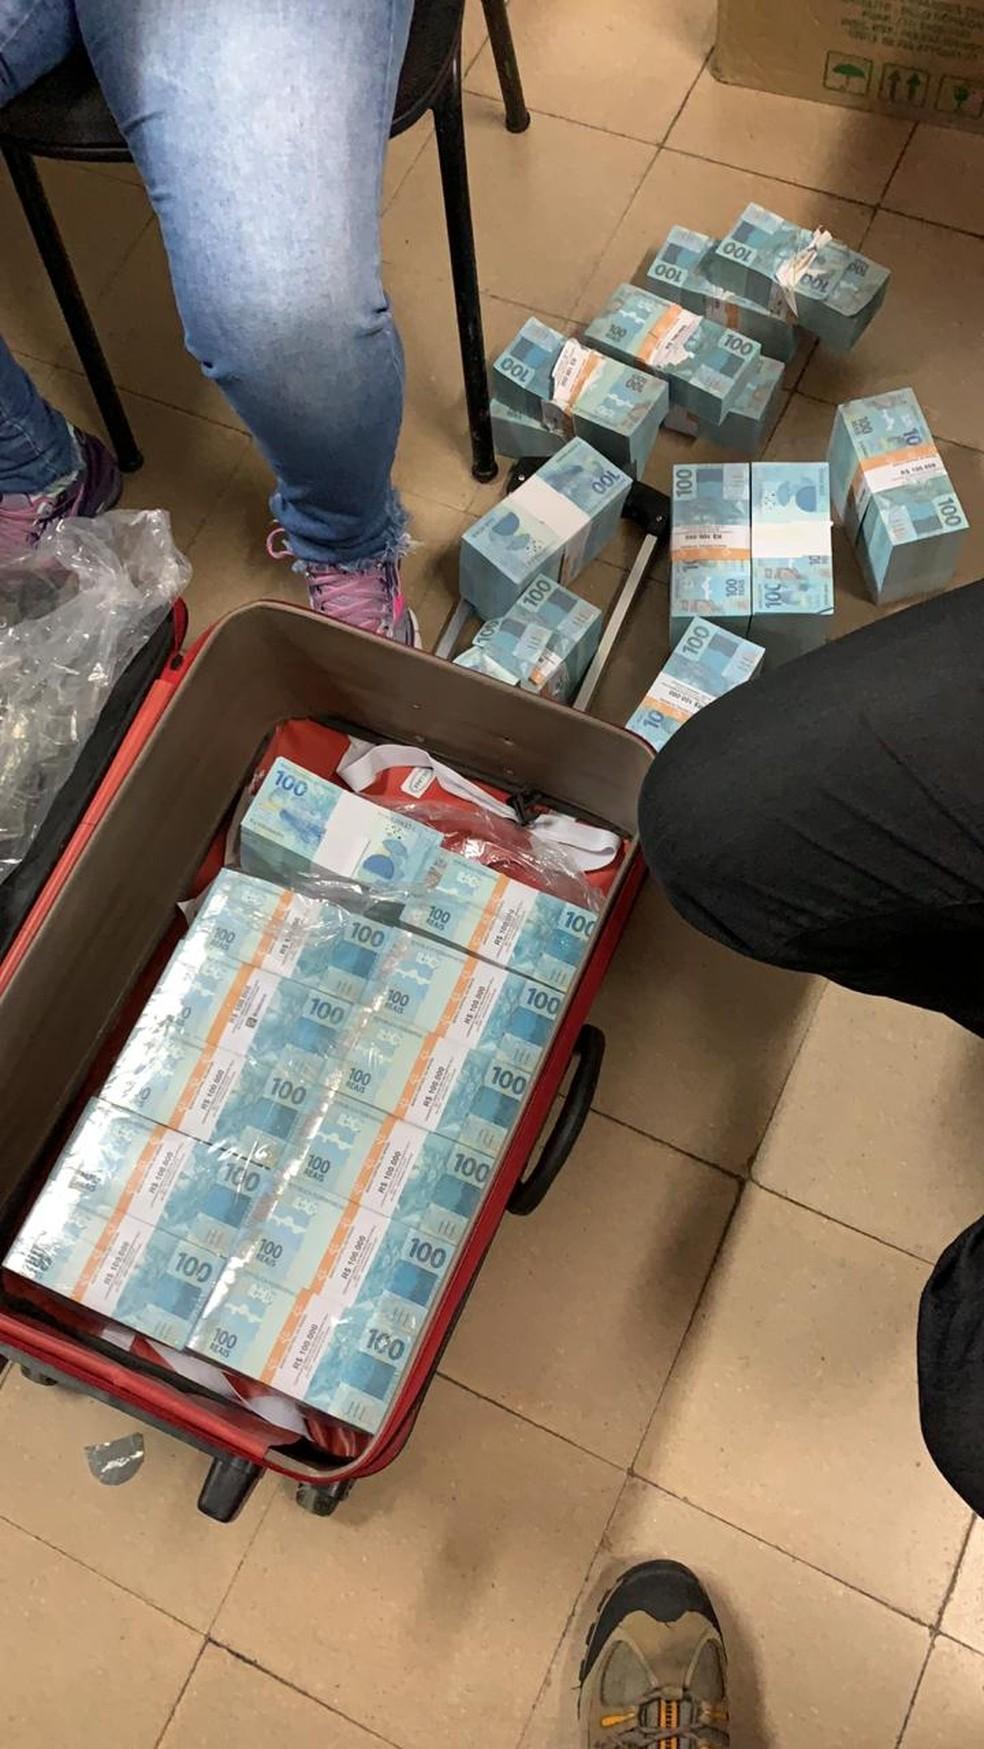 Mala com dinheiro em Juiz de Fora — Foto: Polícia Civil/Divulgação